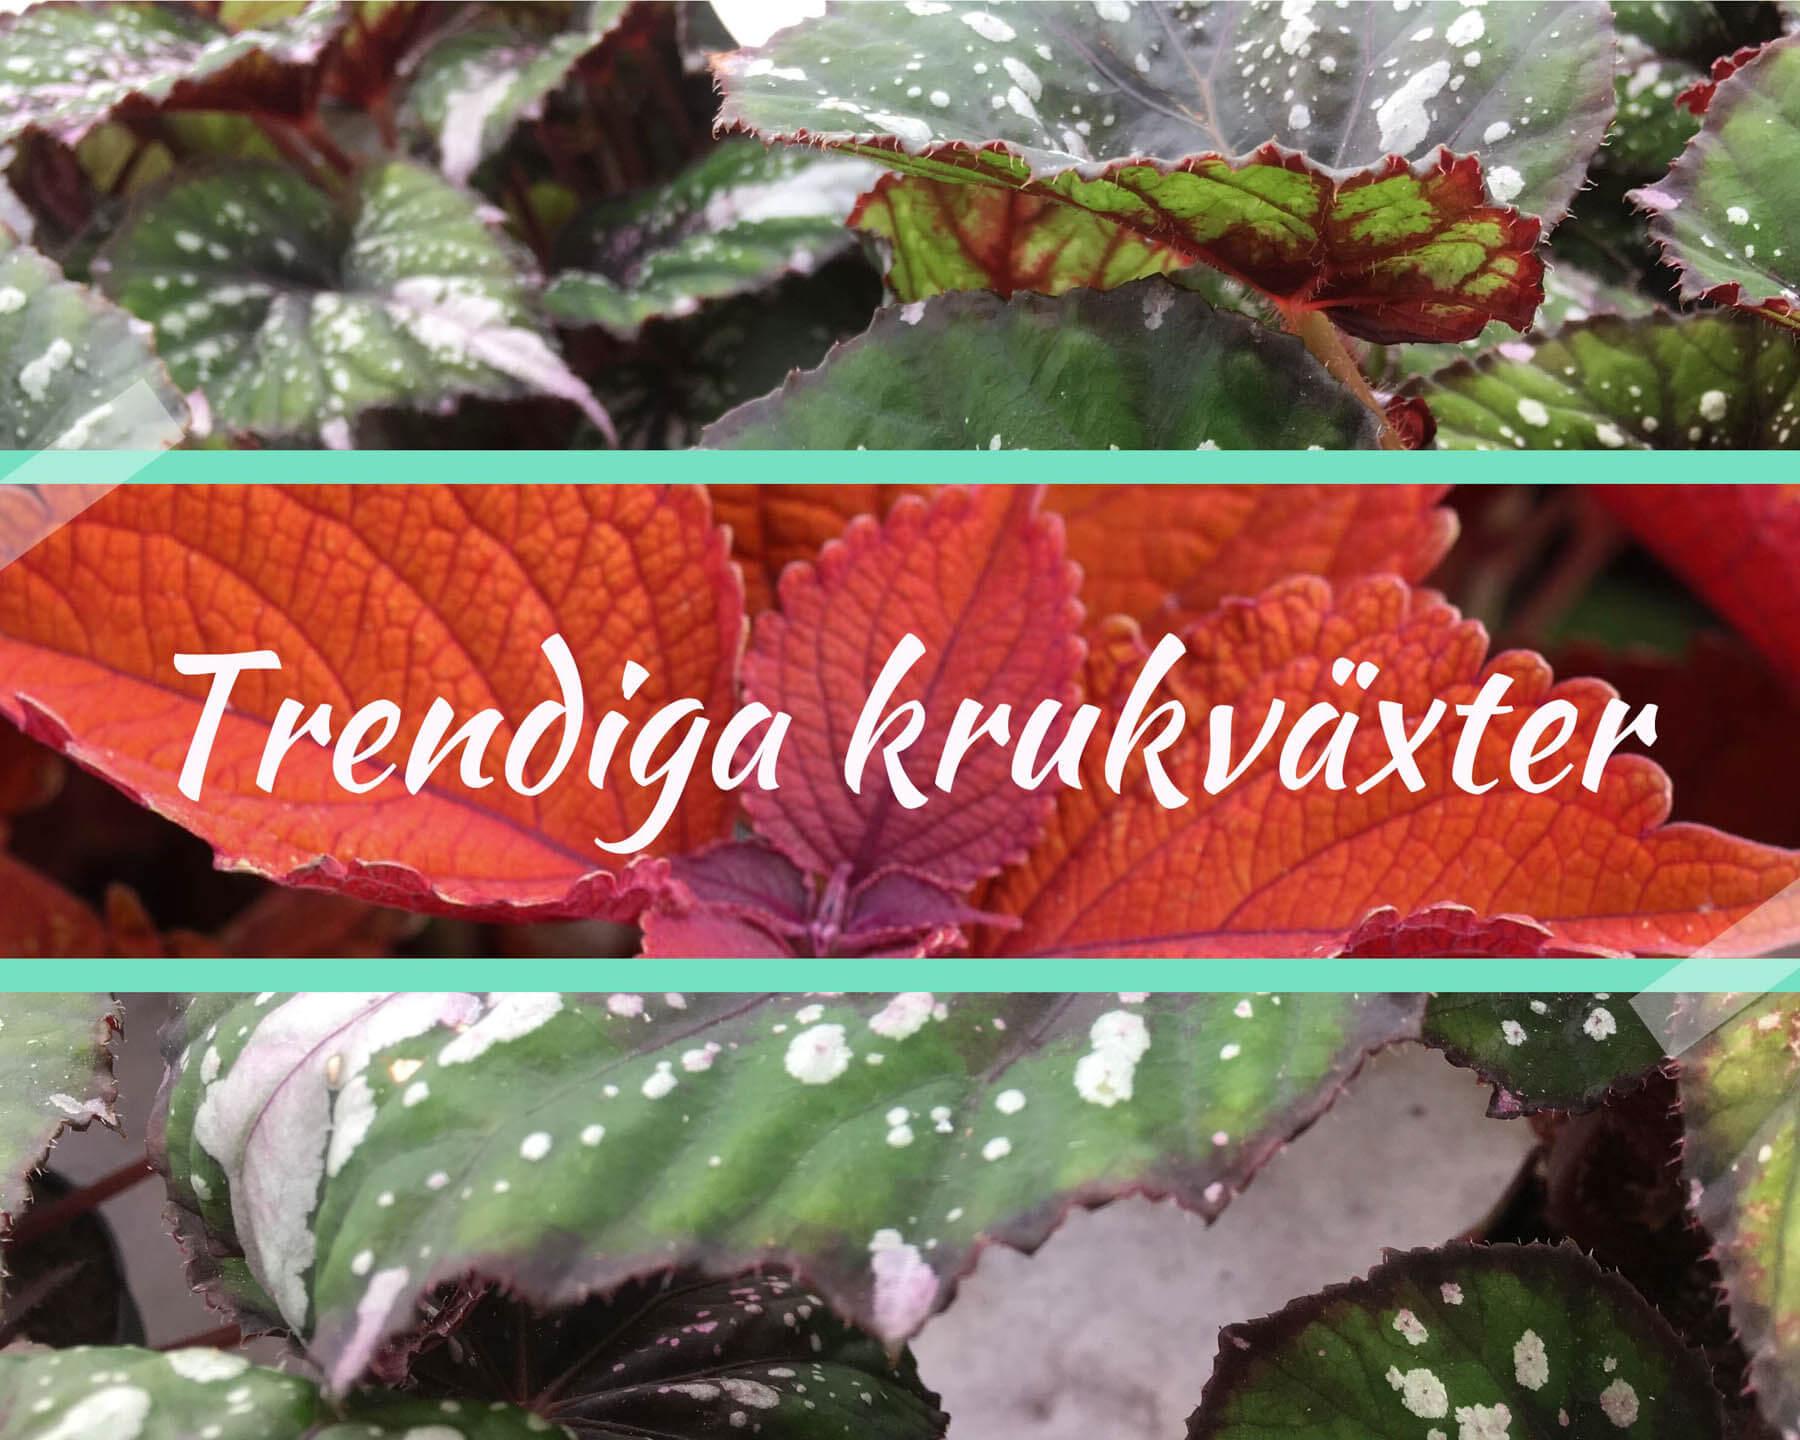 Trendiga krukväxter, Rexbegonia, Palettblad.